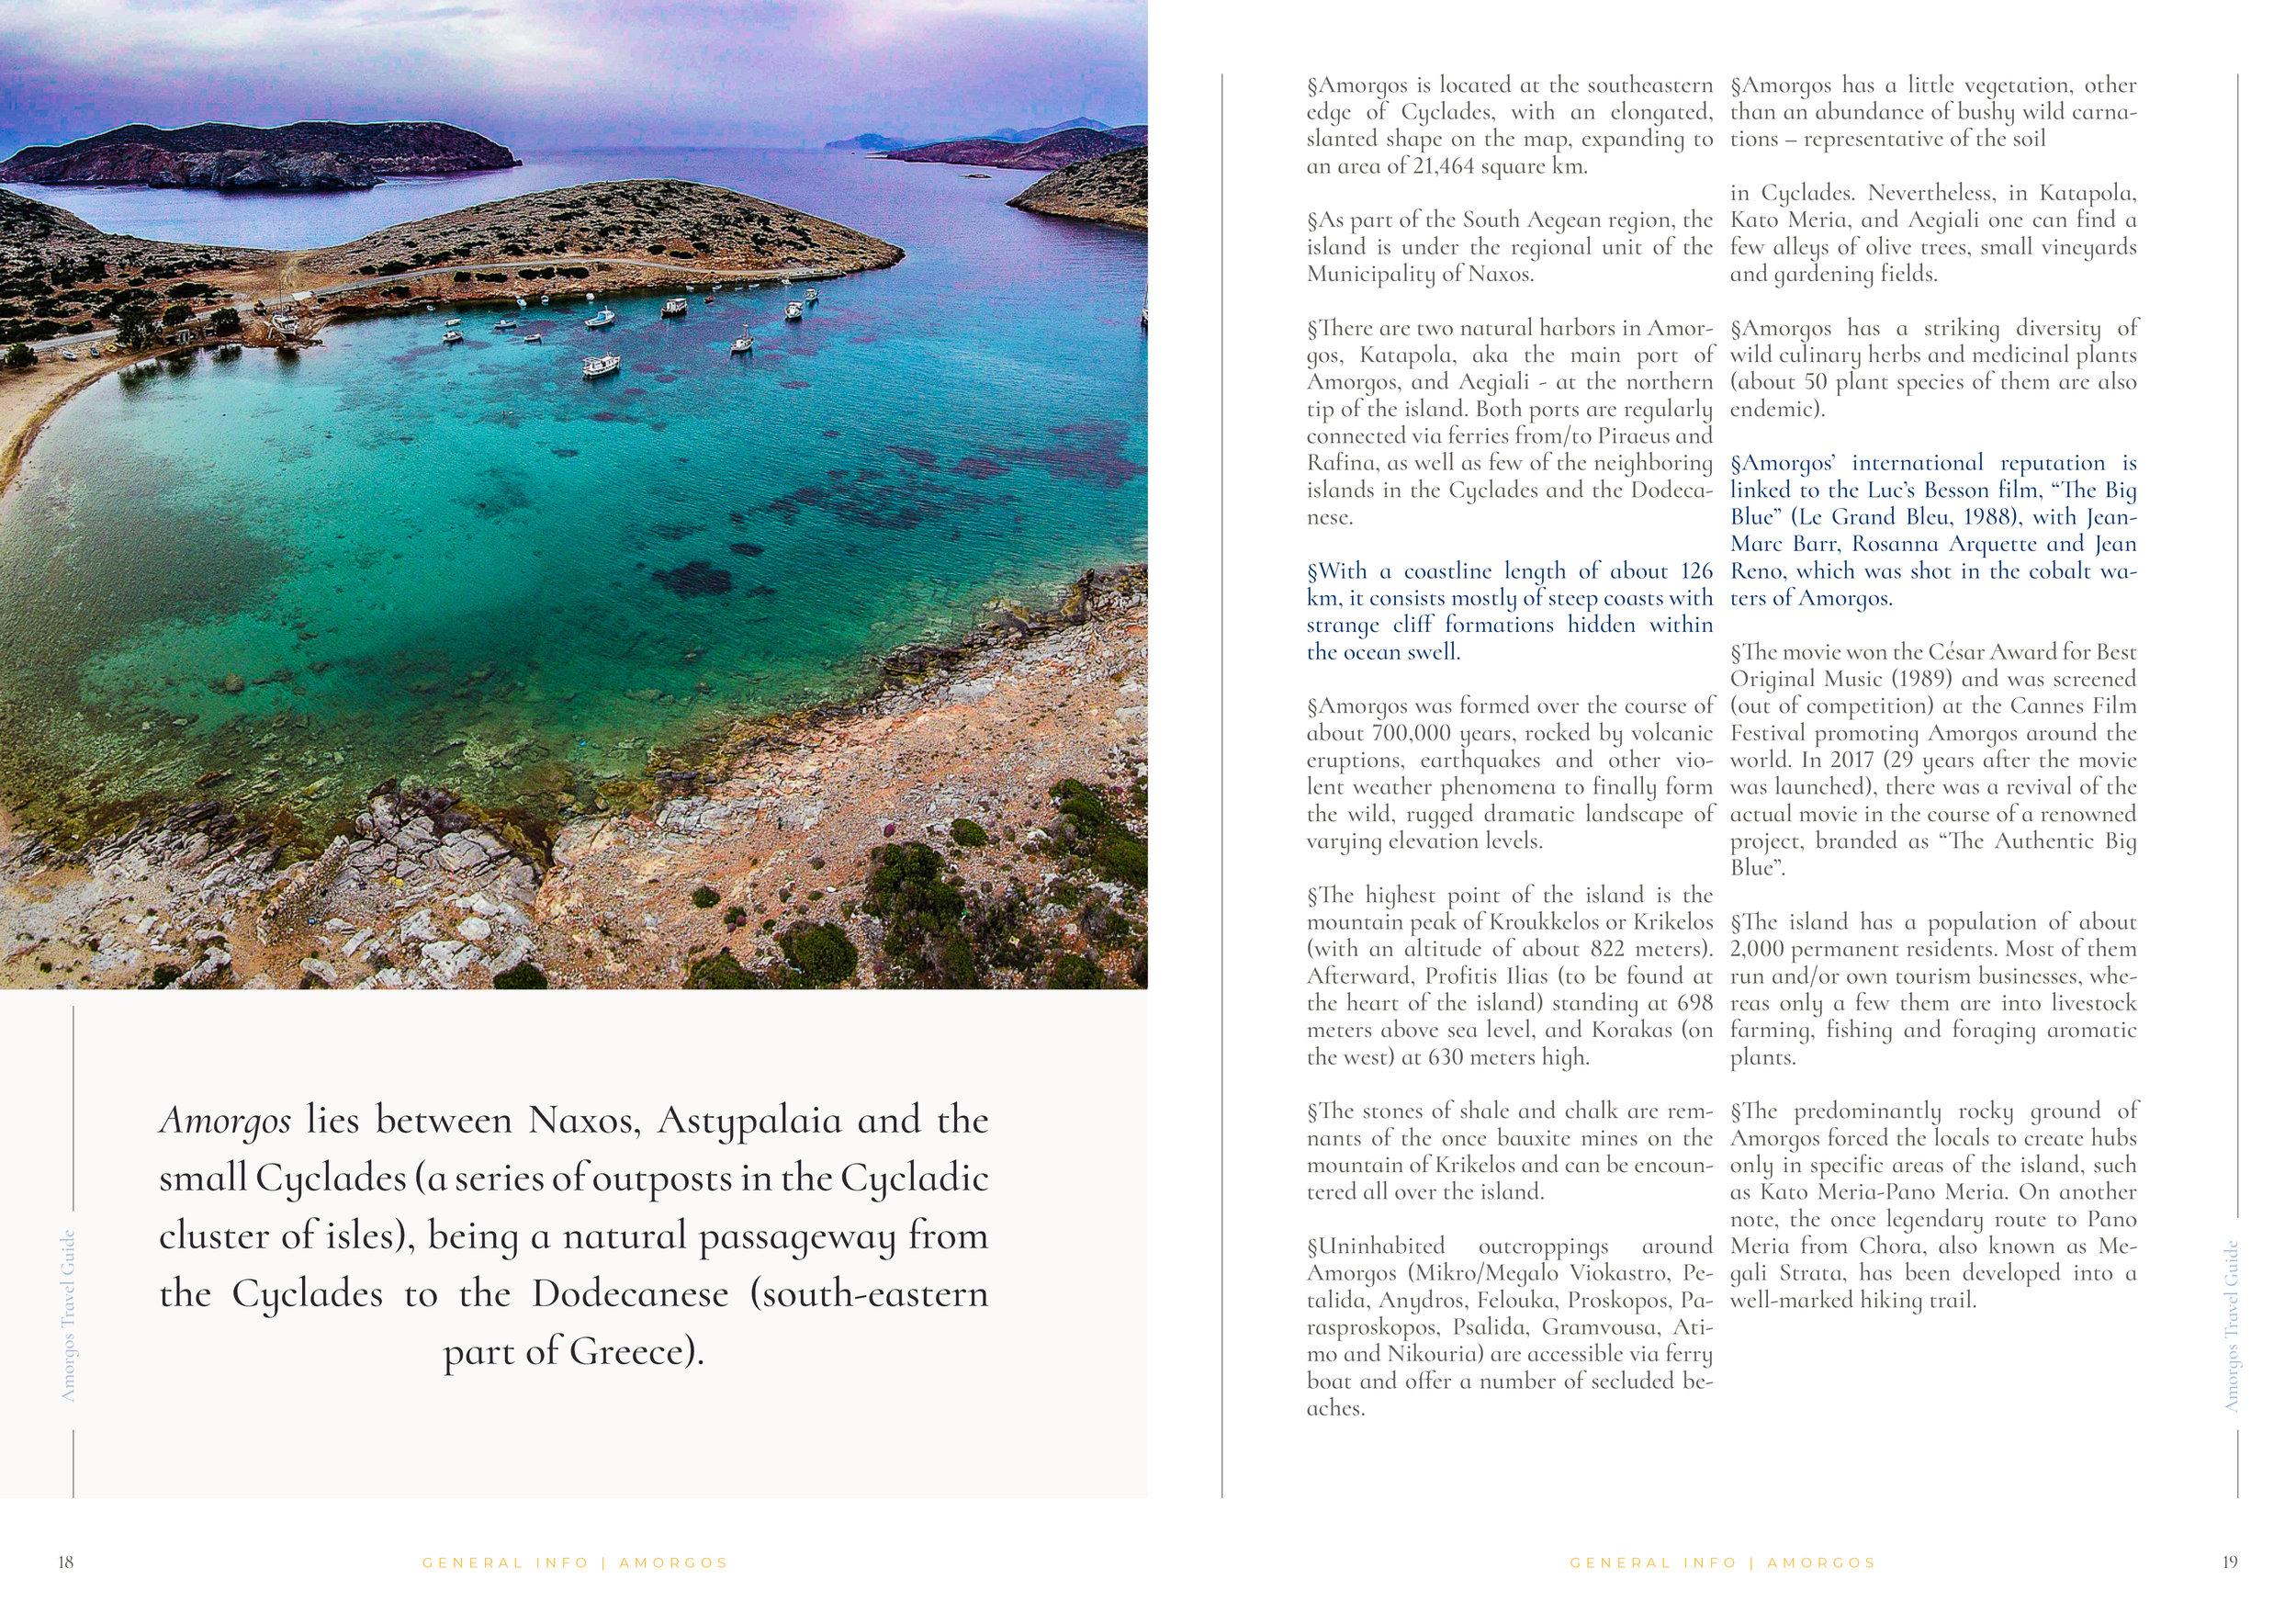 Amorgos guide10.jpg